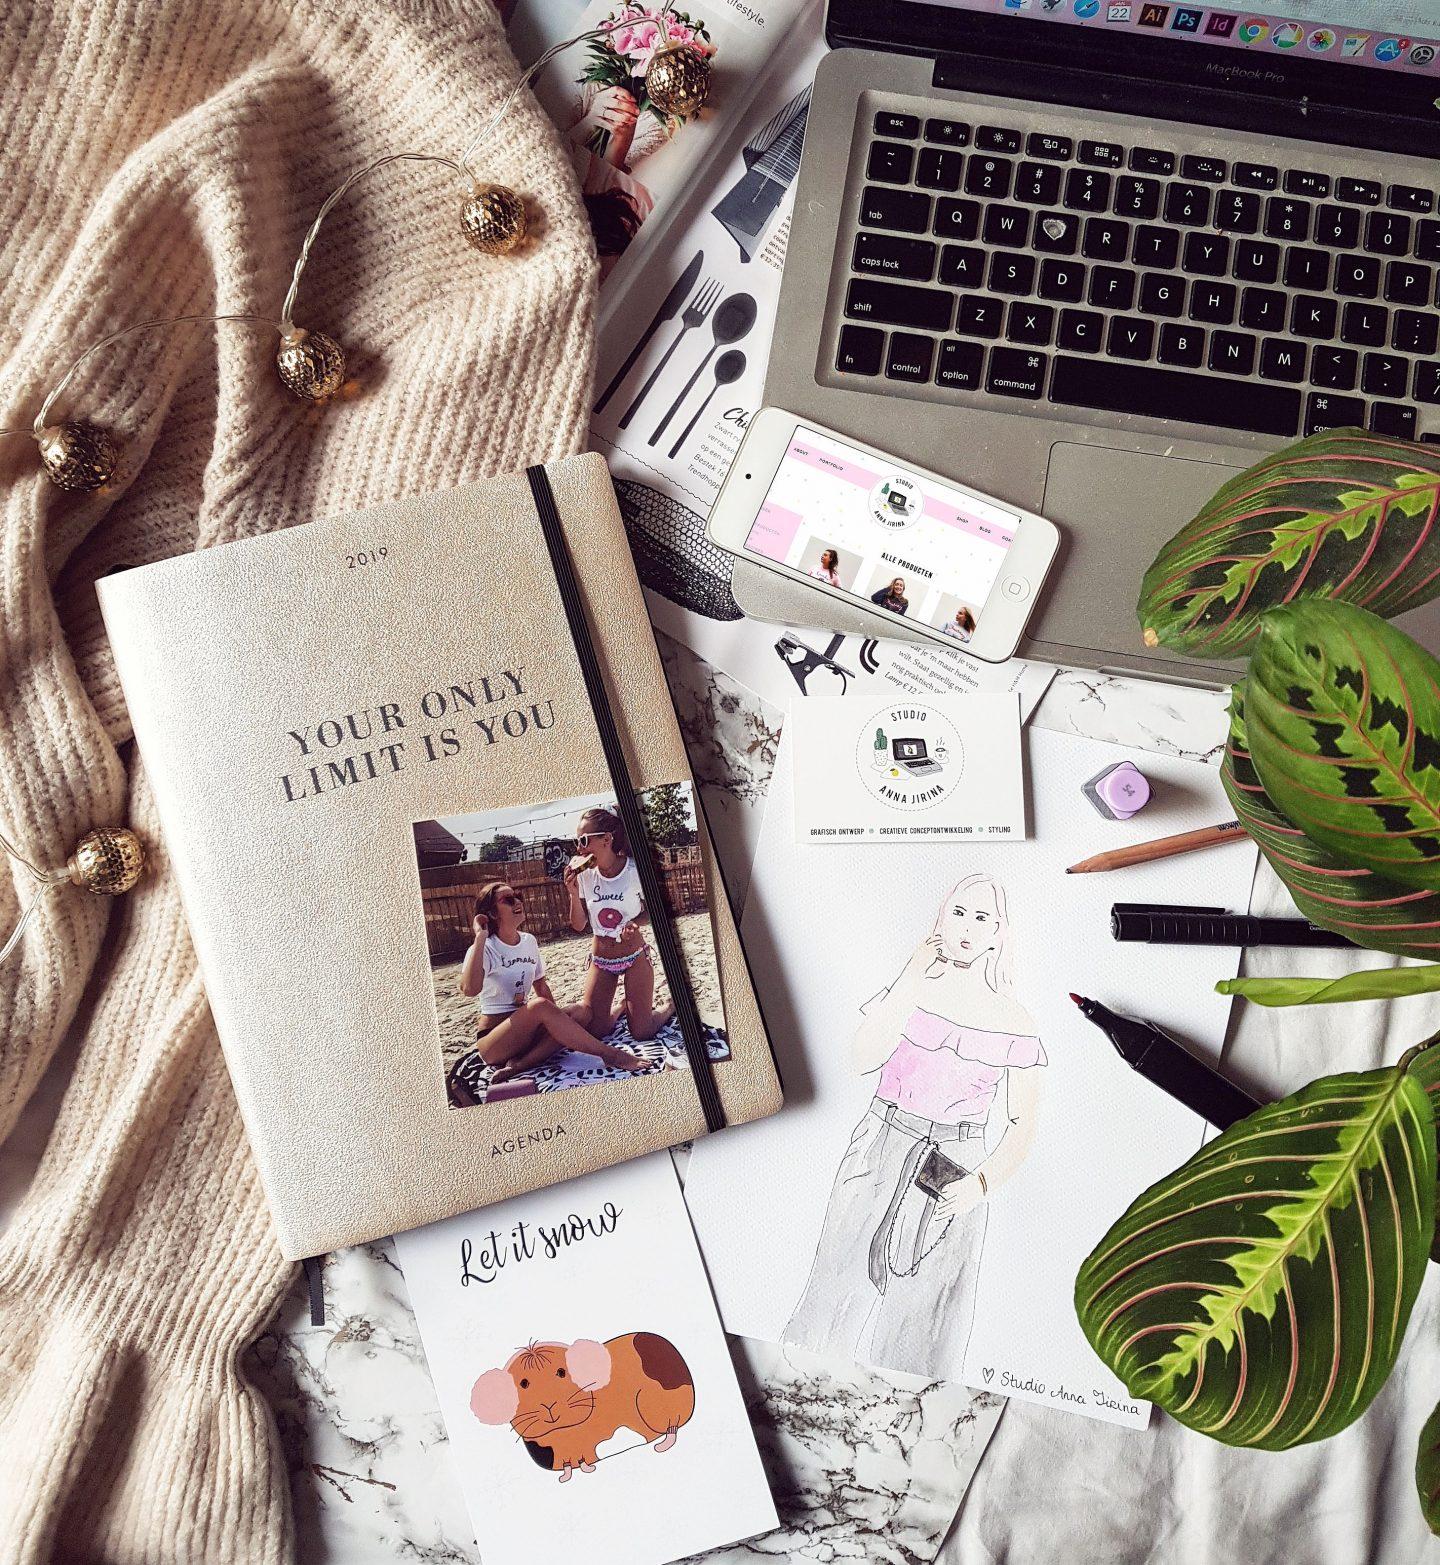 3 x Inspirerende en leerzame blogs voor ambitieuze ondernemers!